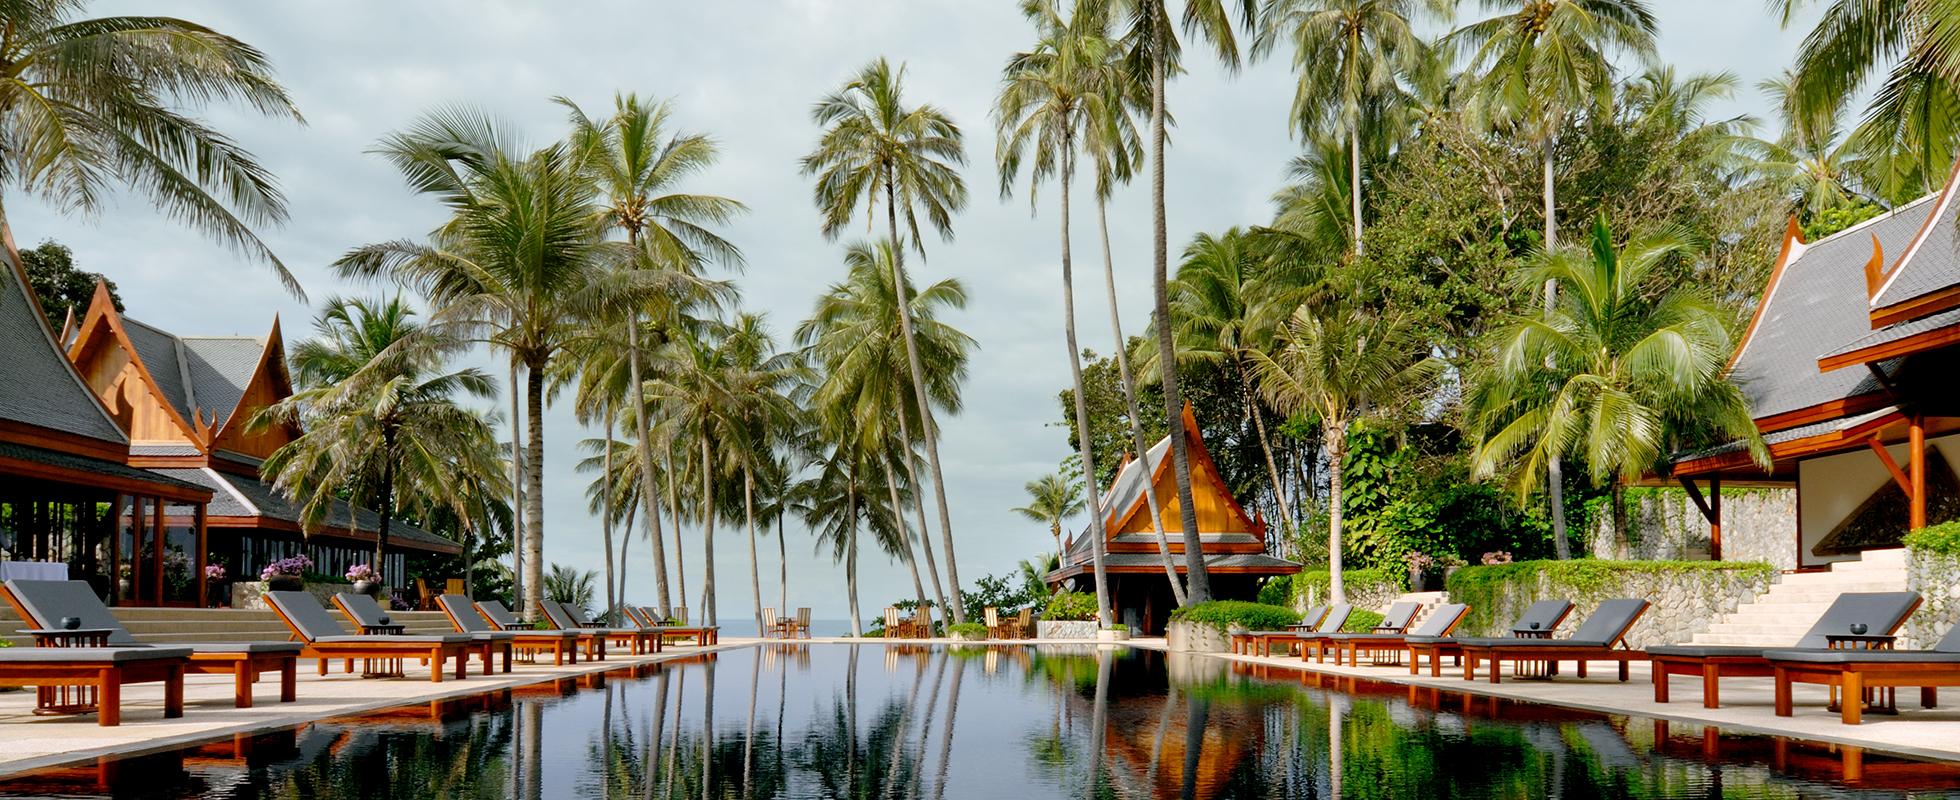 قائمة بأفضل الأماكن في تايلاند لالتقاط الصور